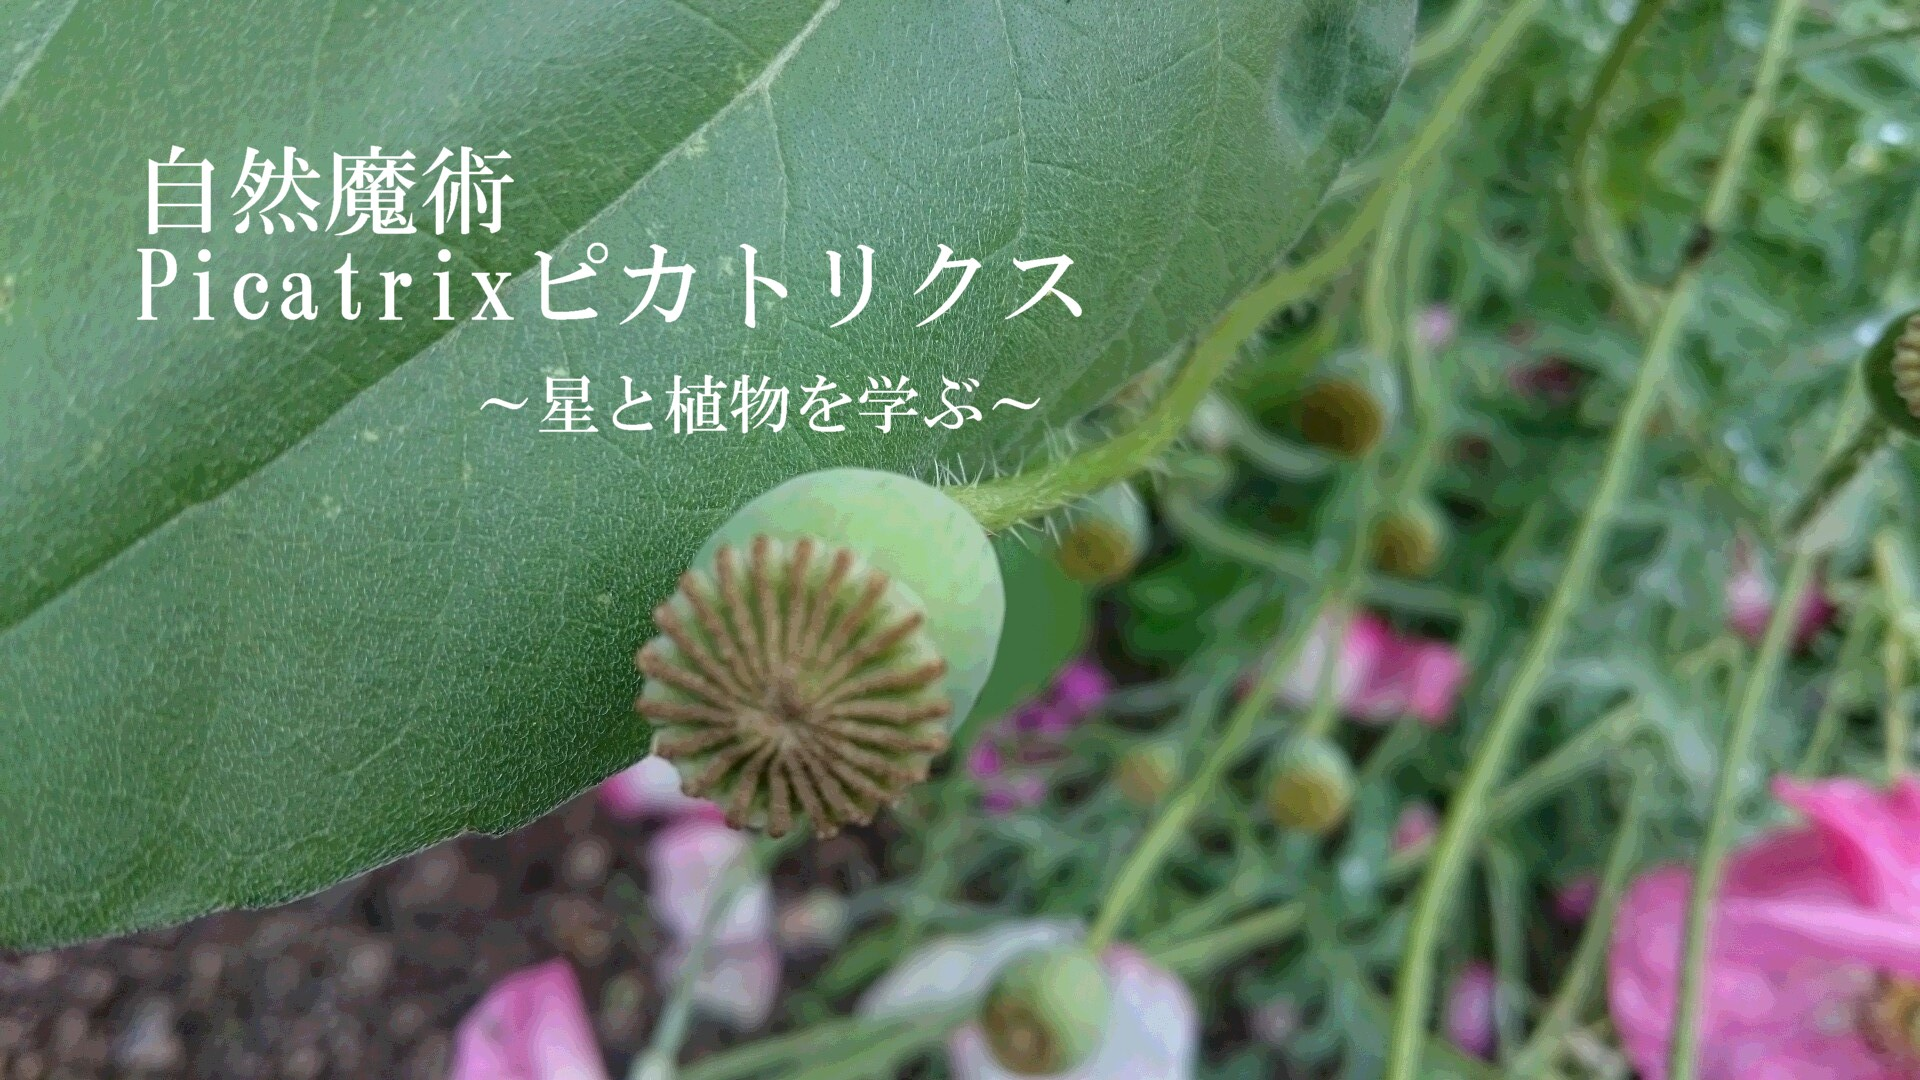 ~星と植物を学ぶ~自然魔ピカトリクス講座 【終了】